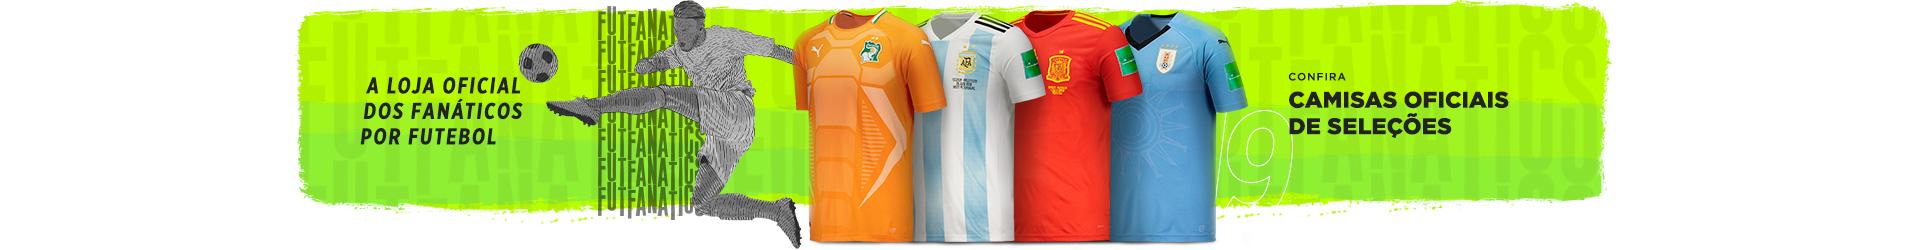 98e8ff2d172eb Camisas Oficiais de Futebol da Seleção da Argélia - FutFanatics